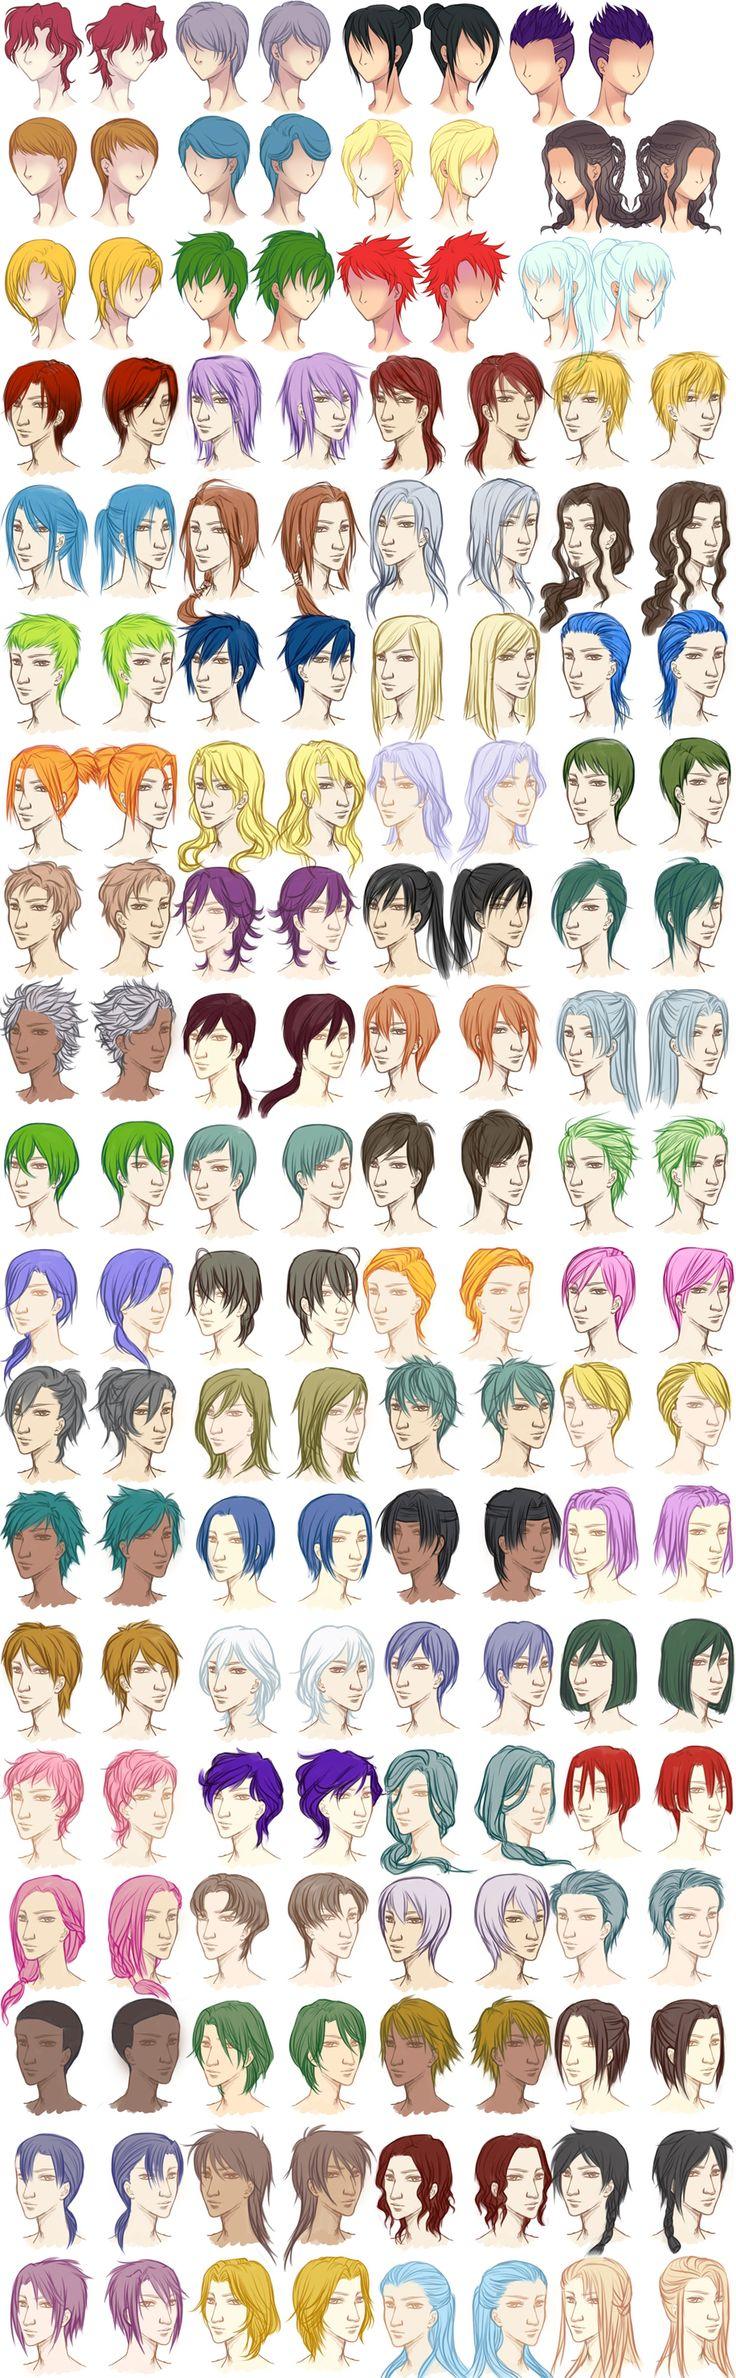 anime boy hair tutorial